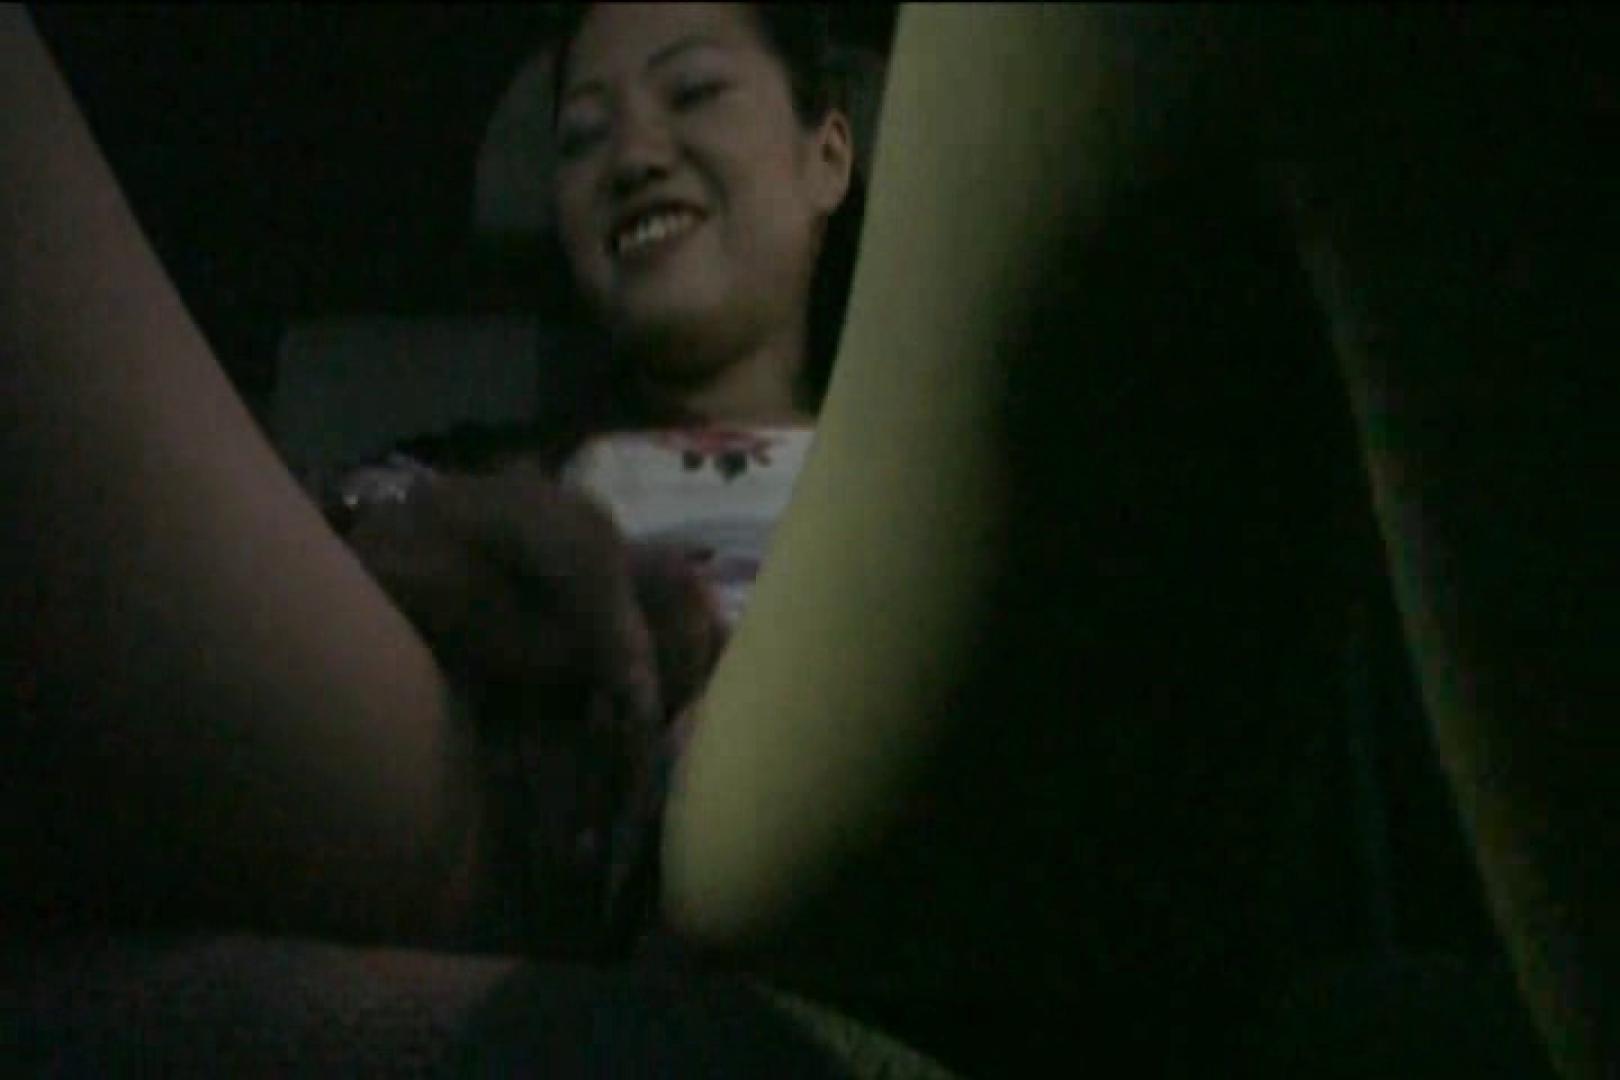 車内で初めまして! vol01 ハプニング   盗撮  68pic 44